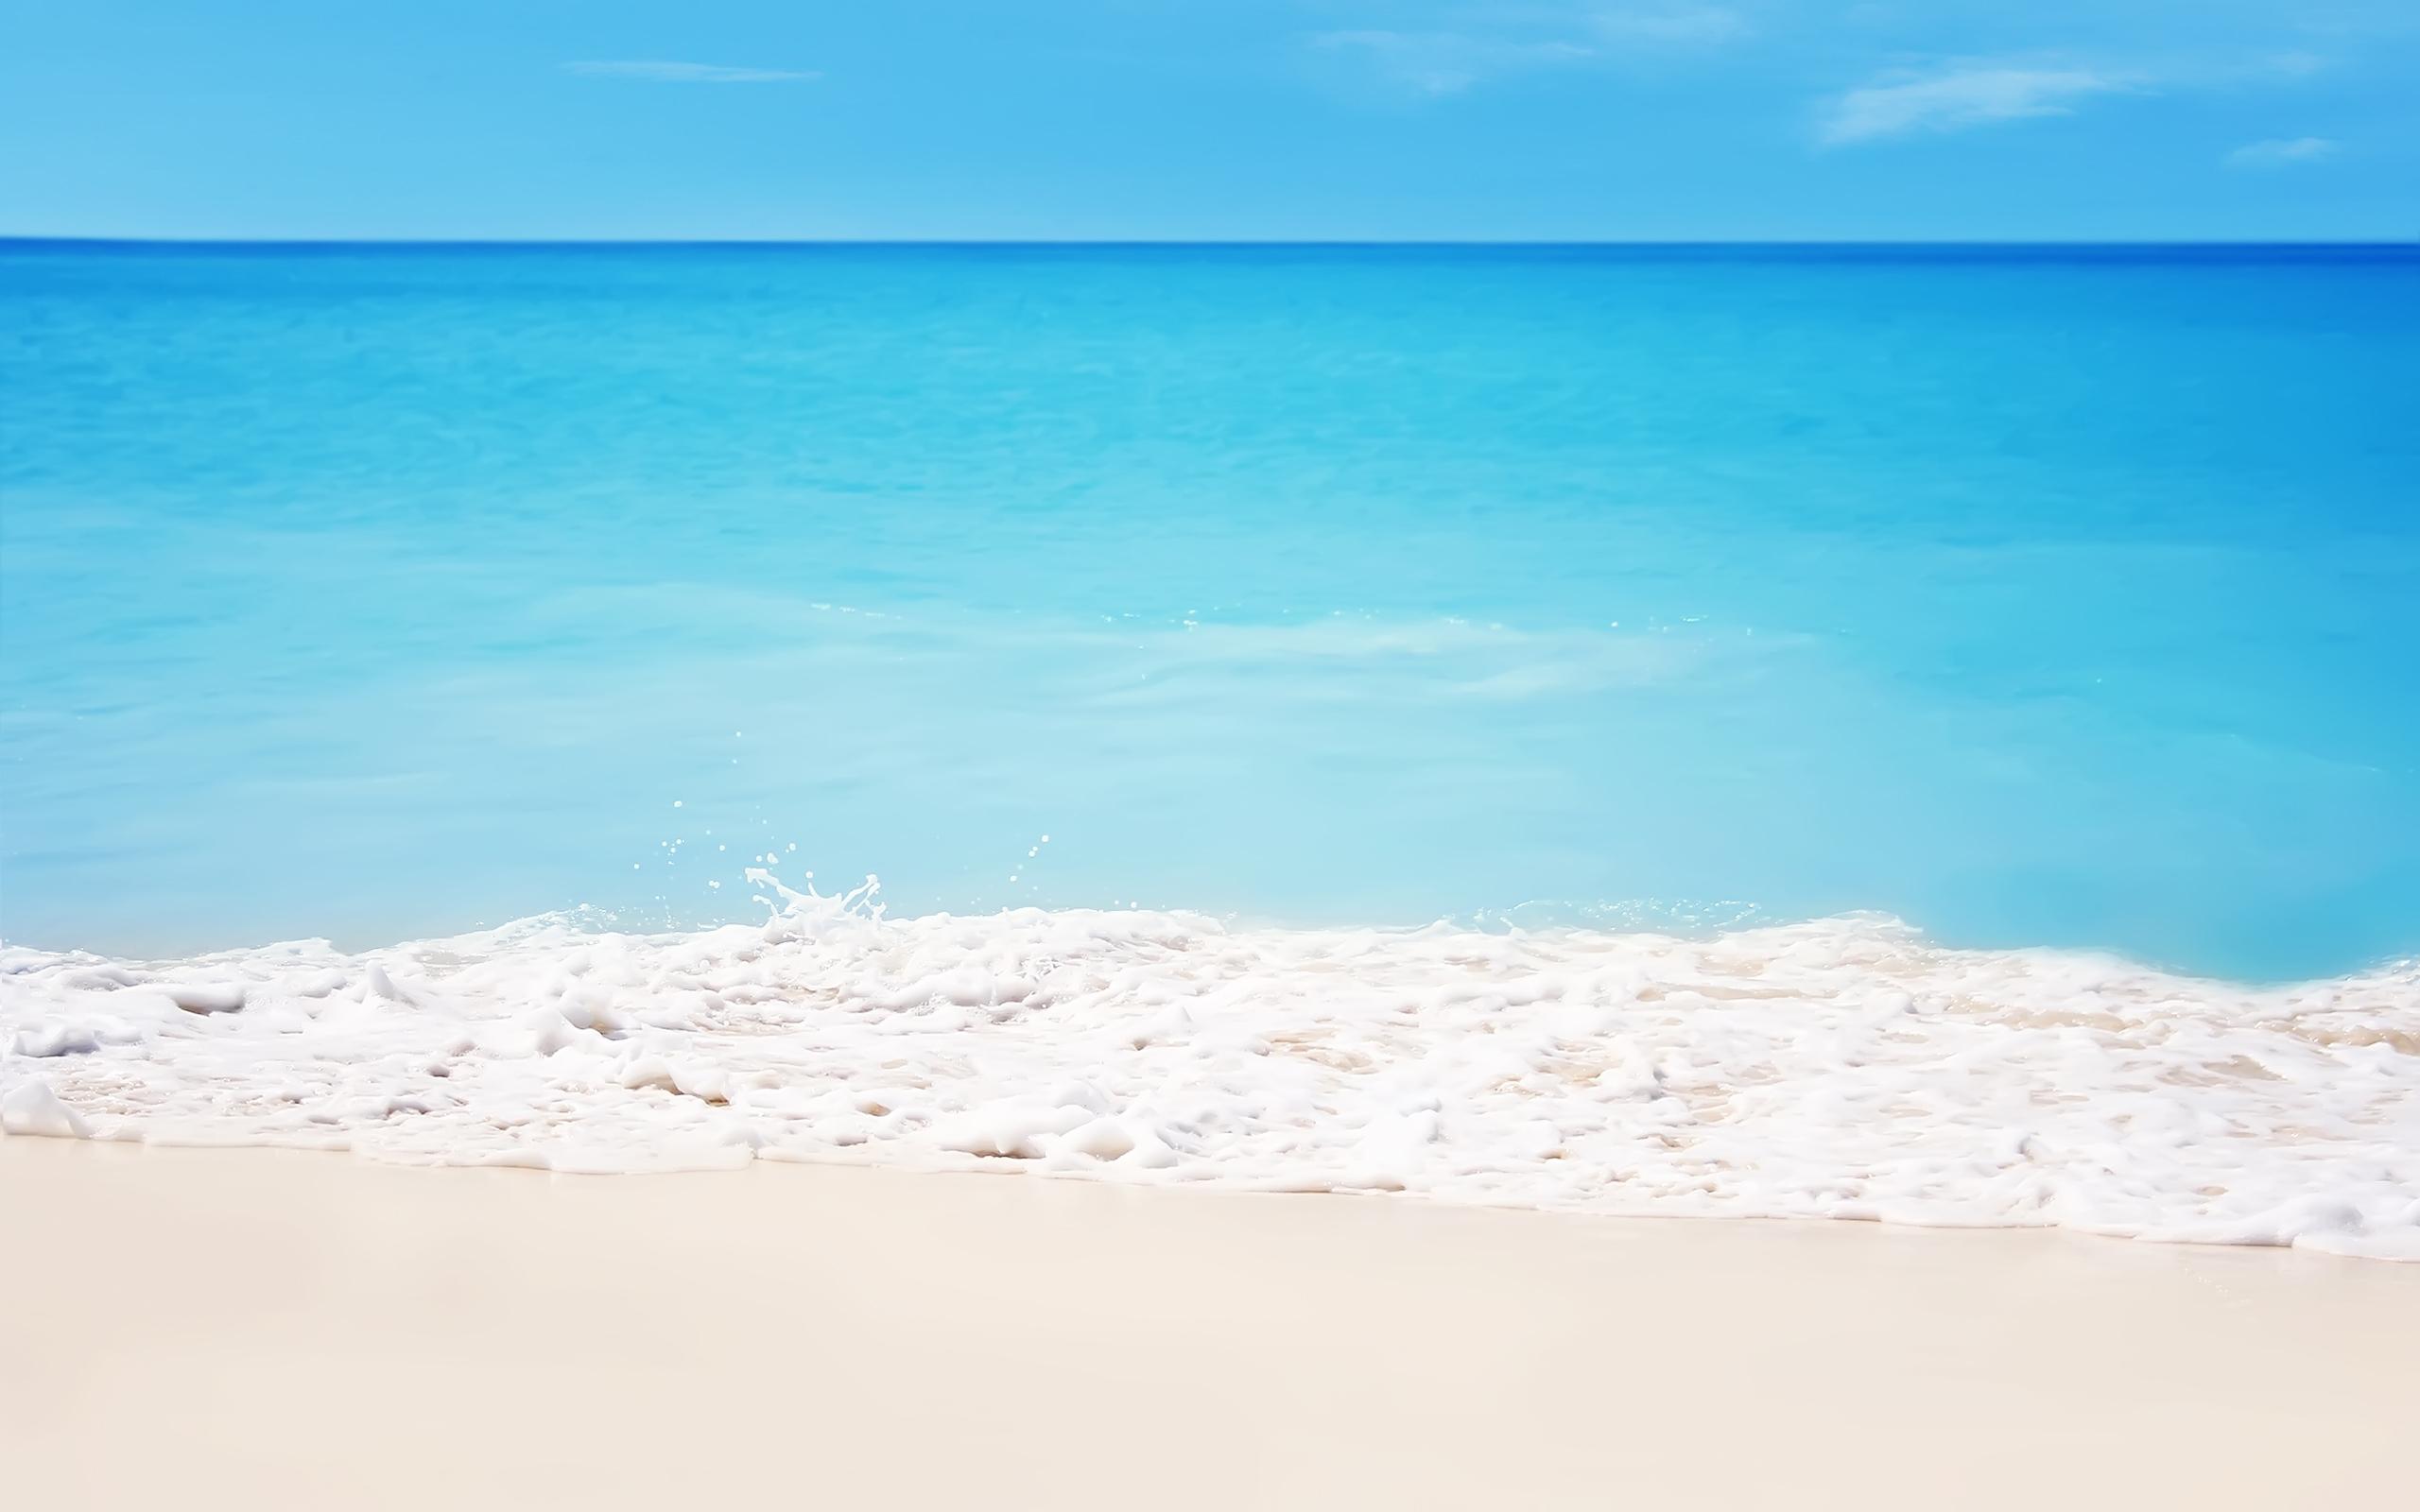 Белый песок картинка